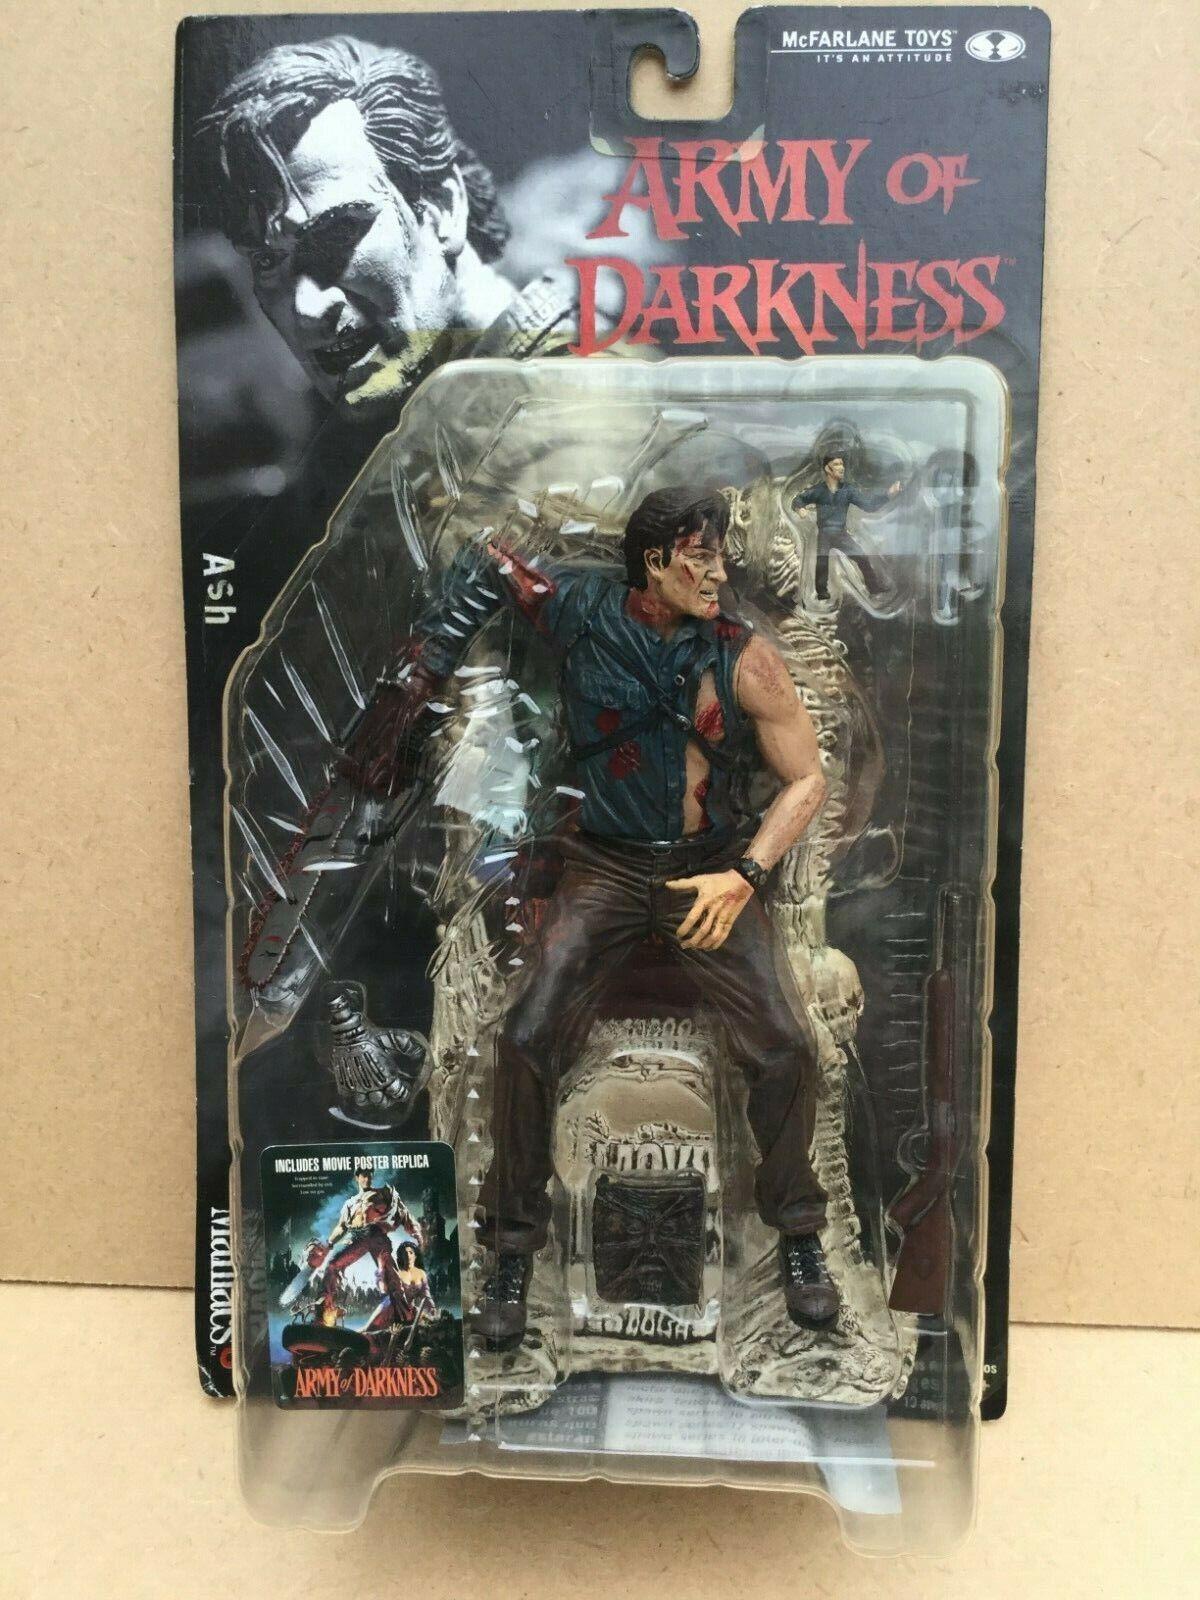 McFarlane giocattoli MOVIE uomoIACS Army of Darkness ASH azione cifra. 2000